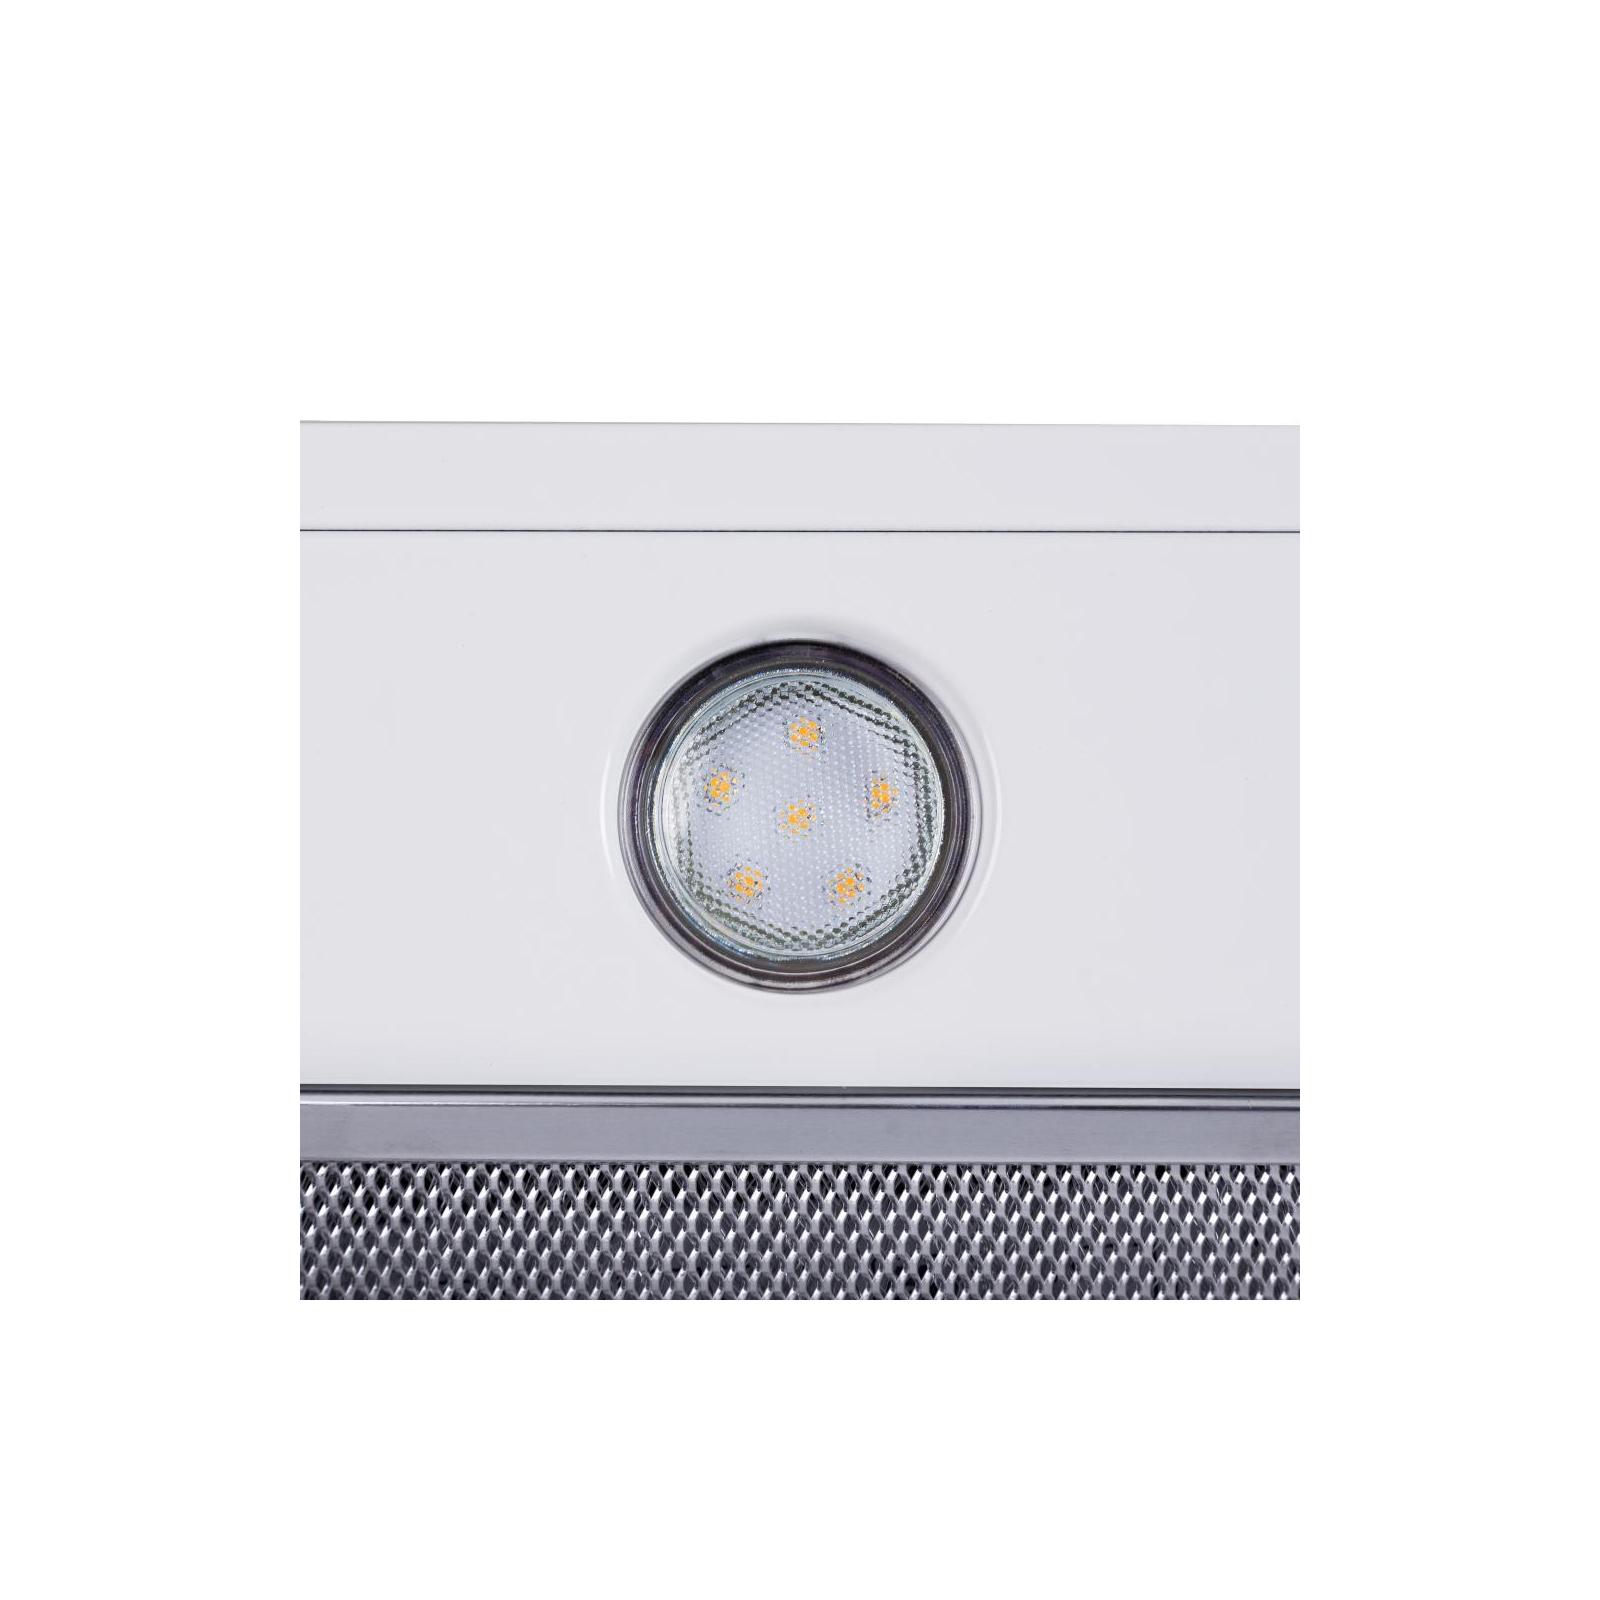 Вытяжка кухонная PERFELLI BI 6512 A 1000 W LED изображение 5